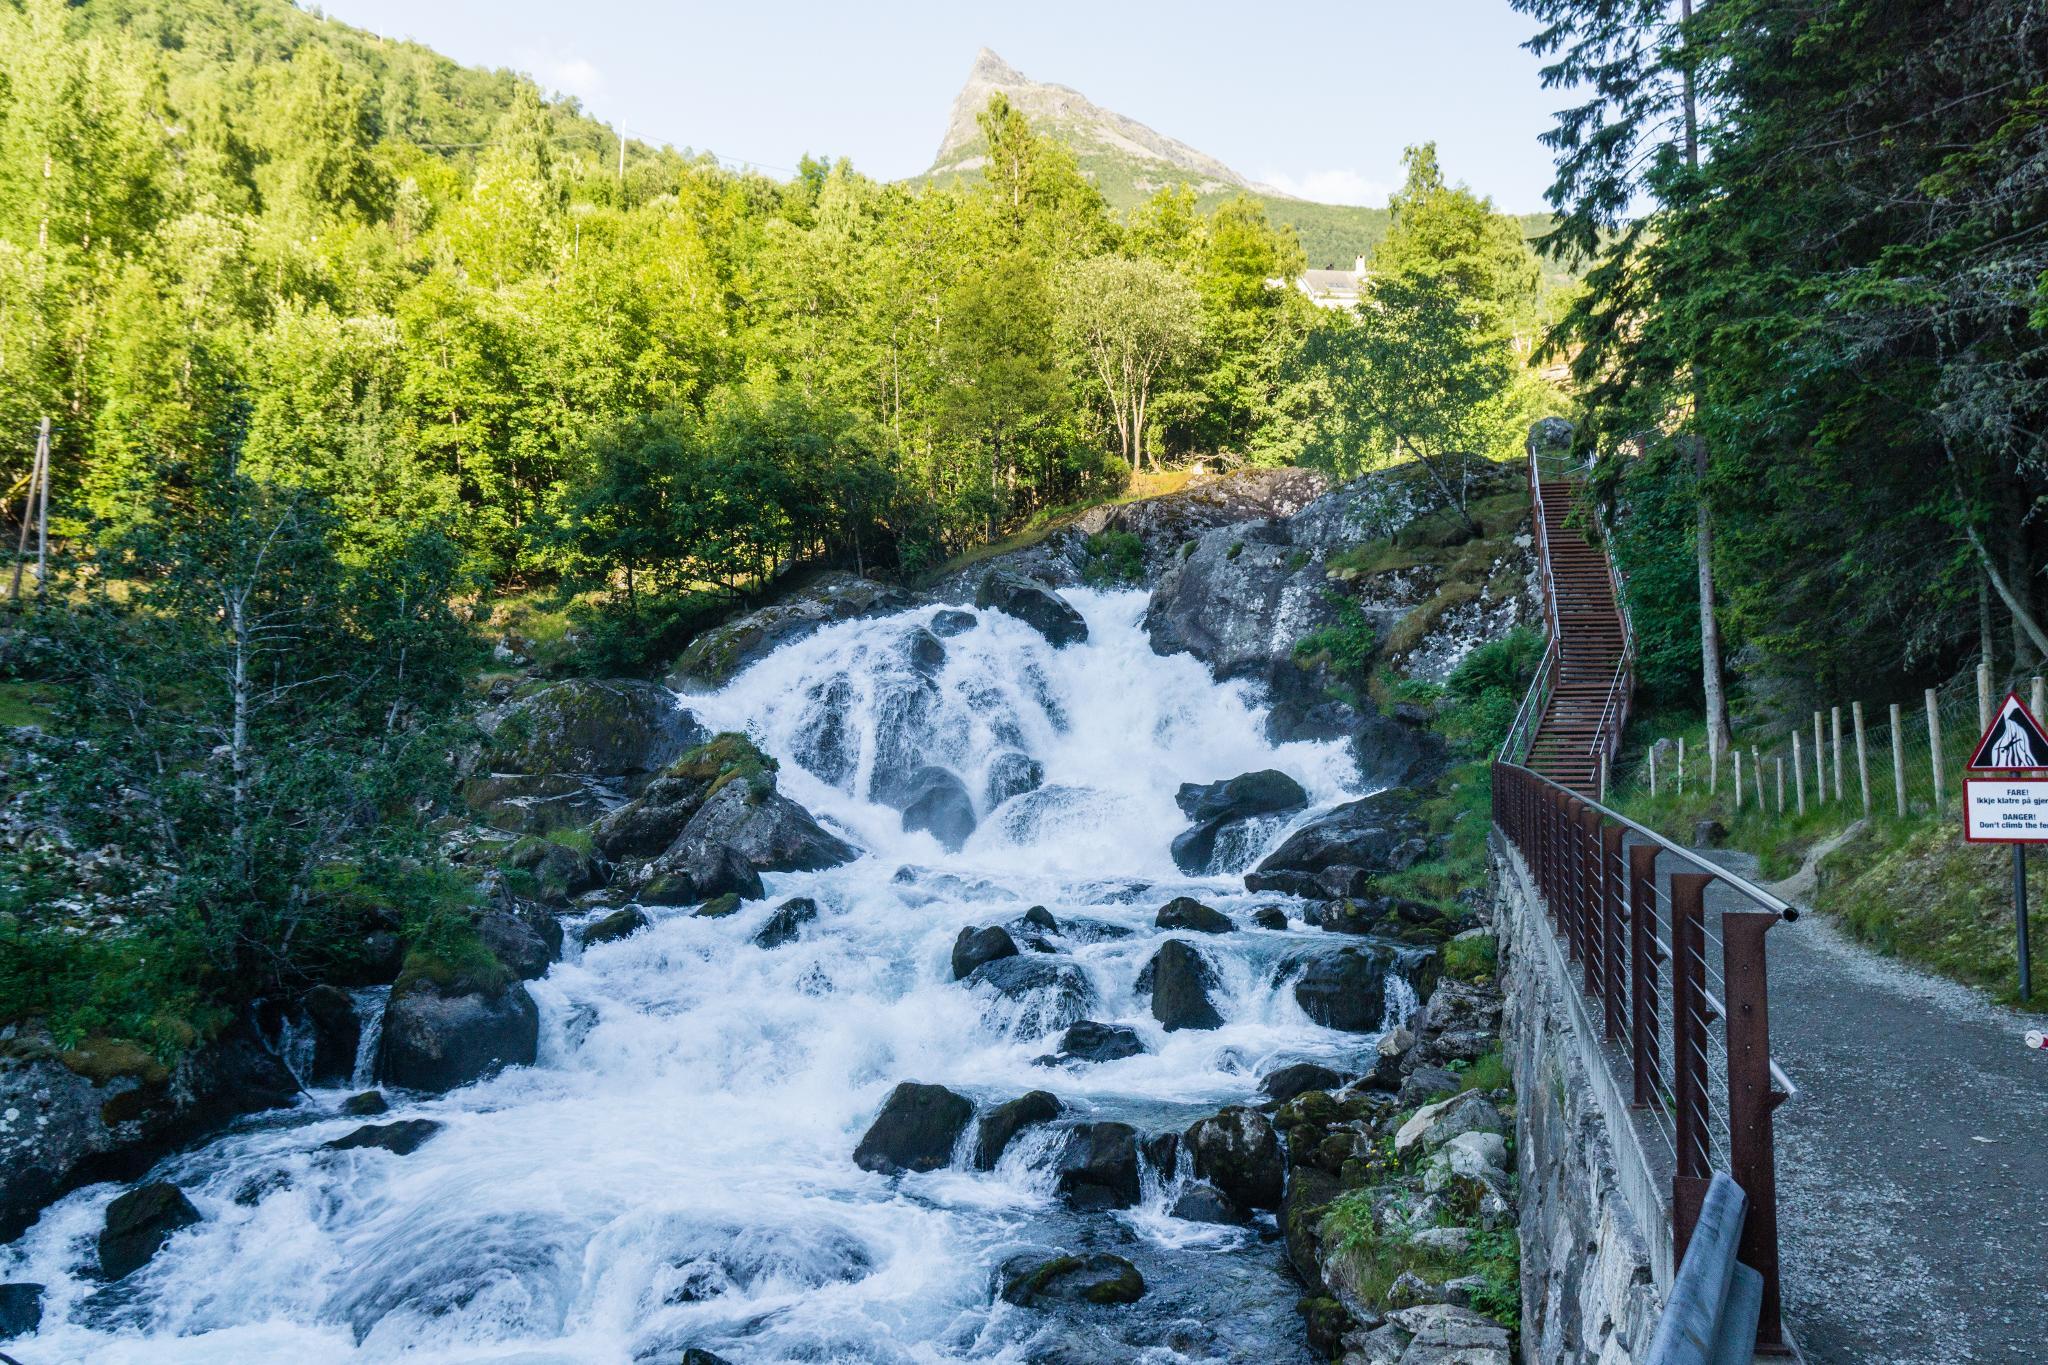 【北歐景點】Ørnesvingen 老鷹之路 ∣ 挪威世界遺產 — 蓋倫格峽灣景點總整理 28